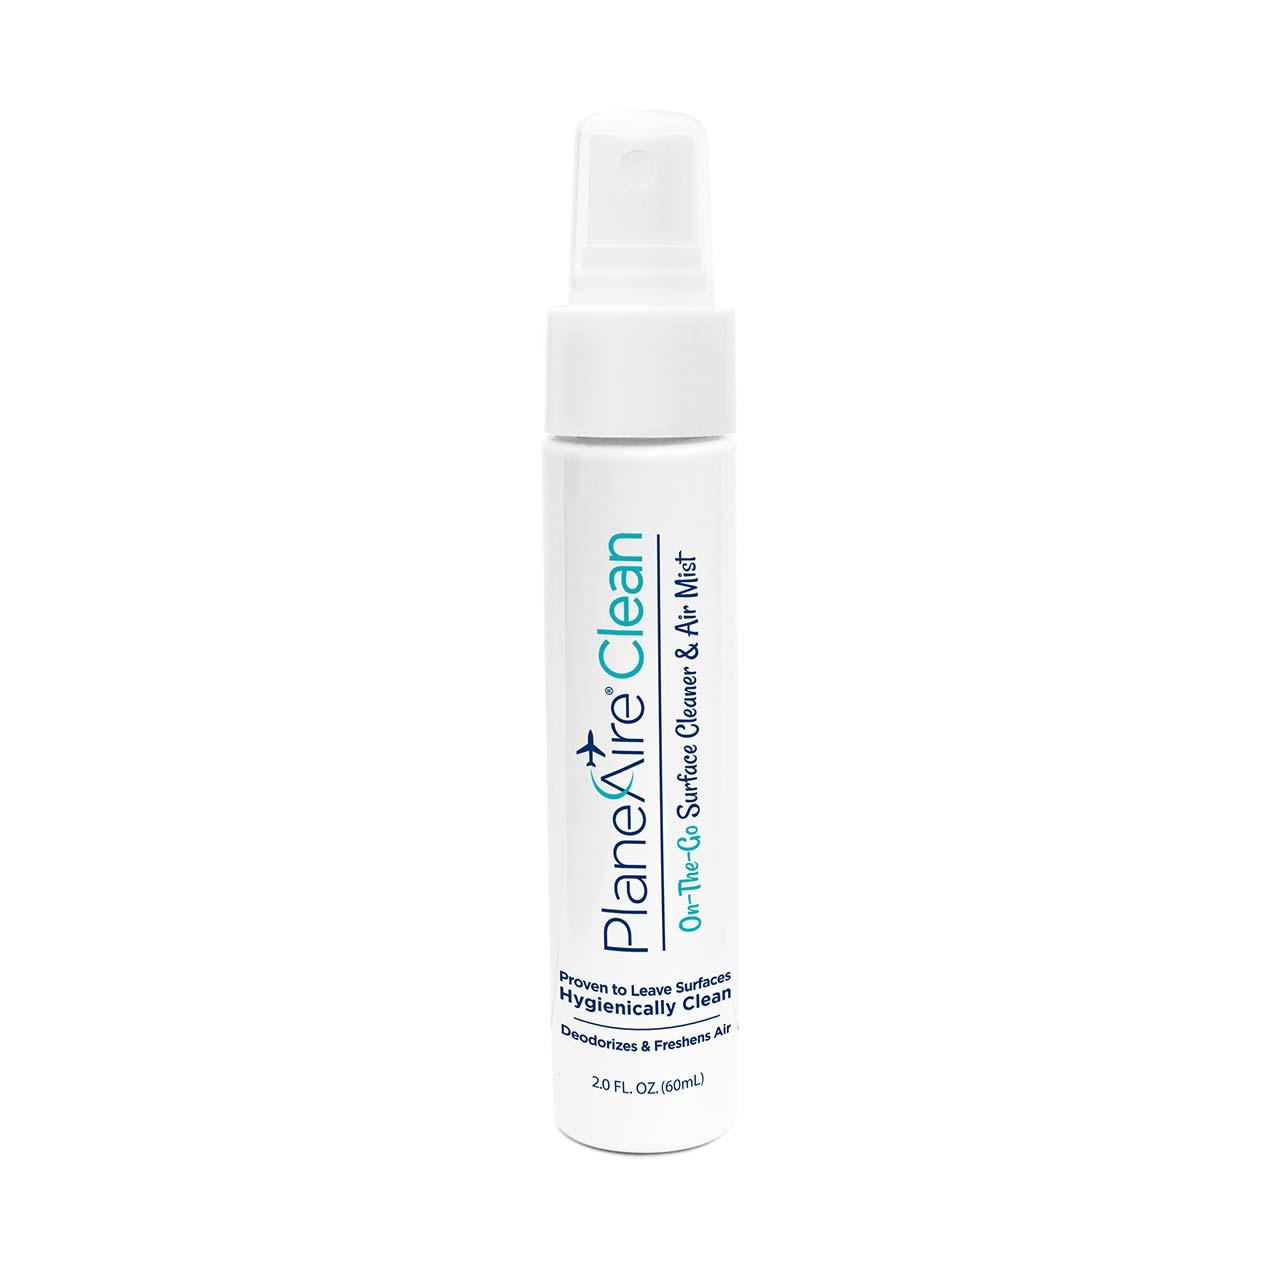 PlaneAire Clean Spray